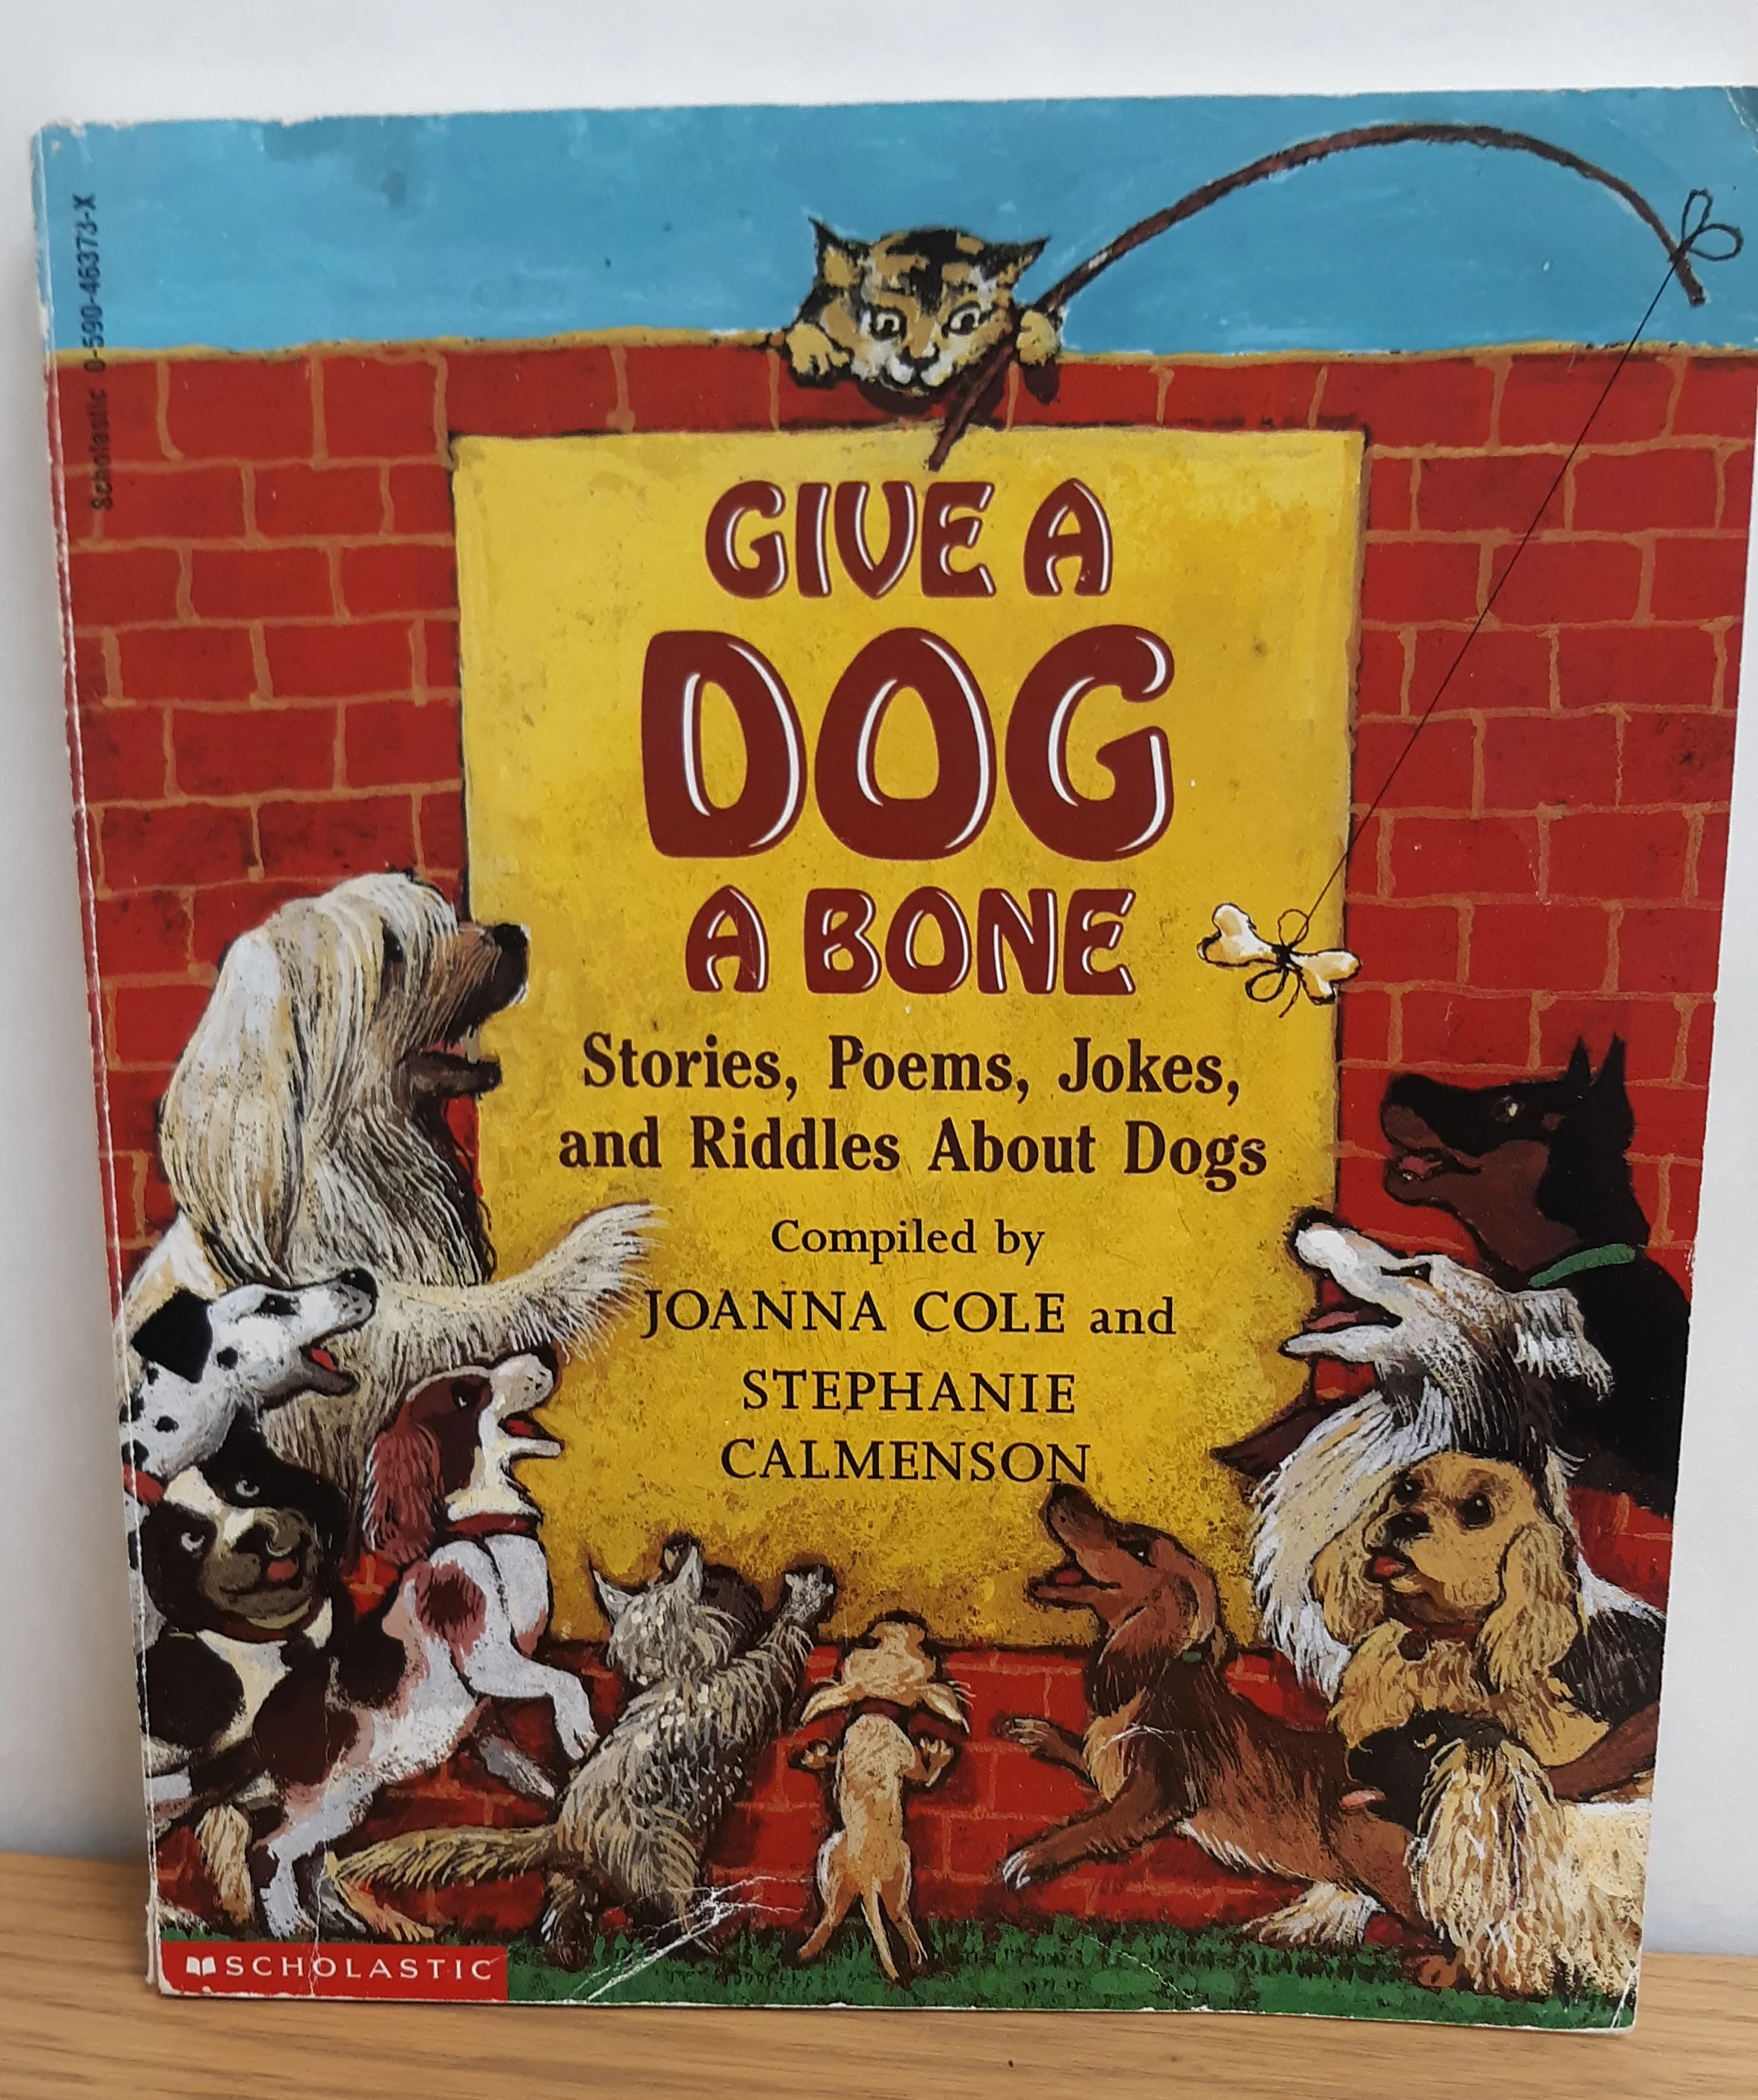 https://0201.nccdn.net/1_2/000/000/172/1d6/give-a-dog-a-bone.png